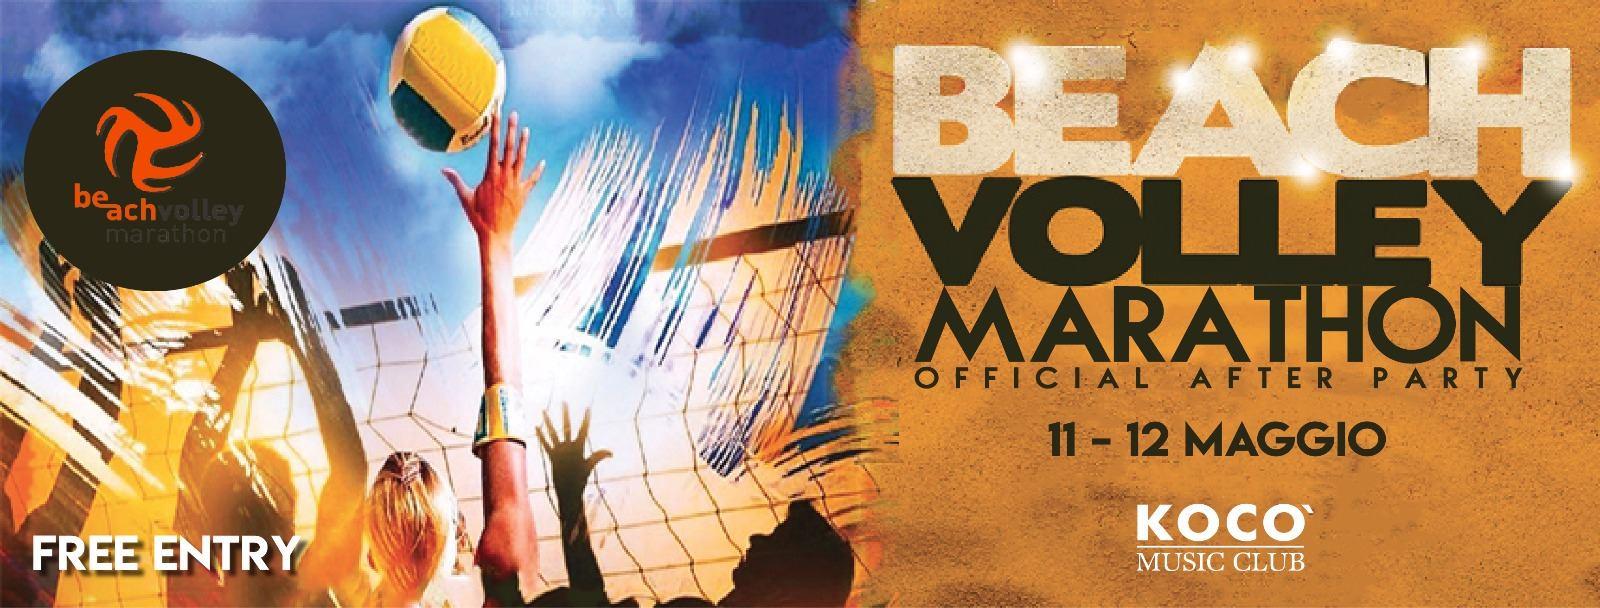 VEN 11 E SAB 12 Maggio: Beach volley marathon after party! 2018